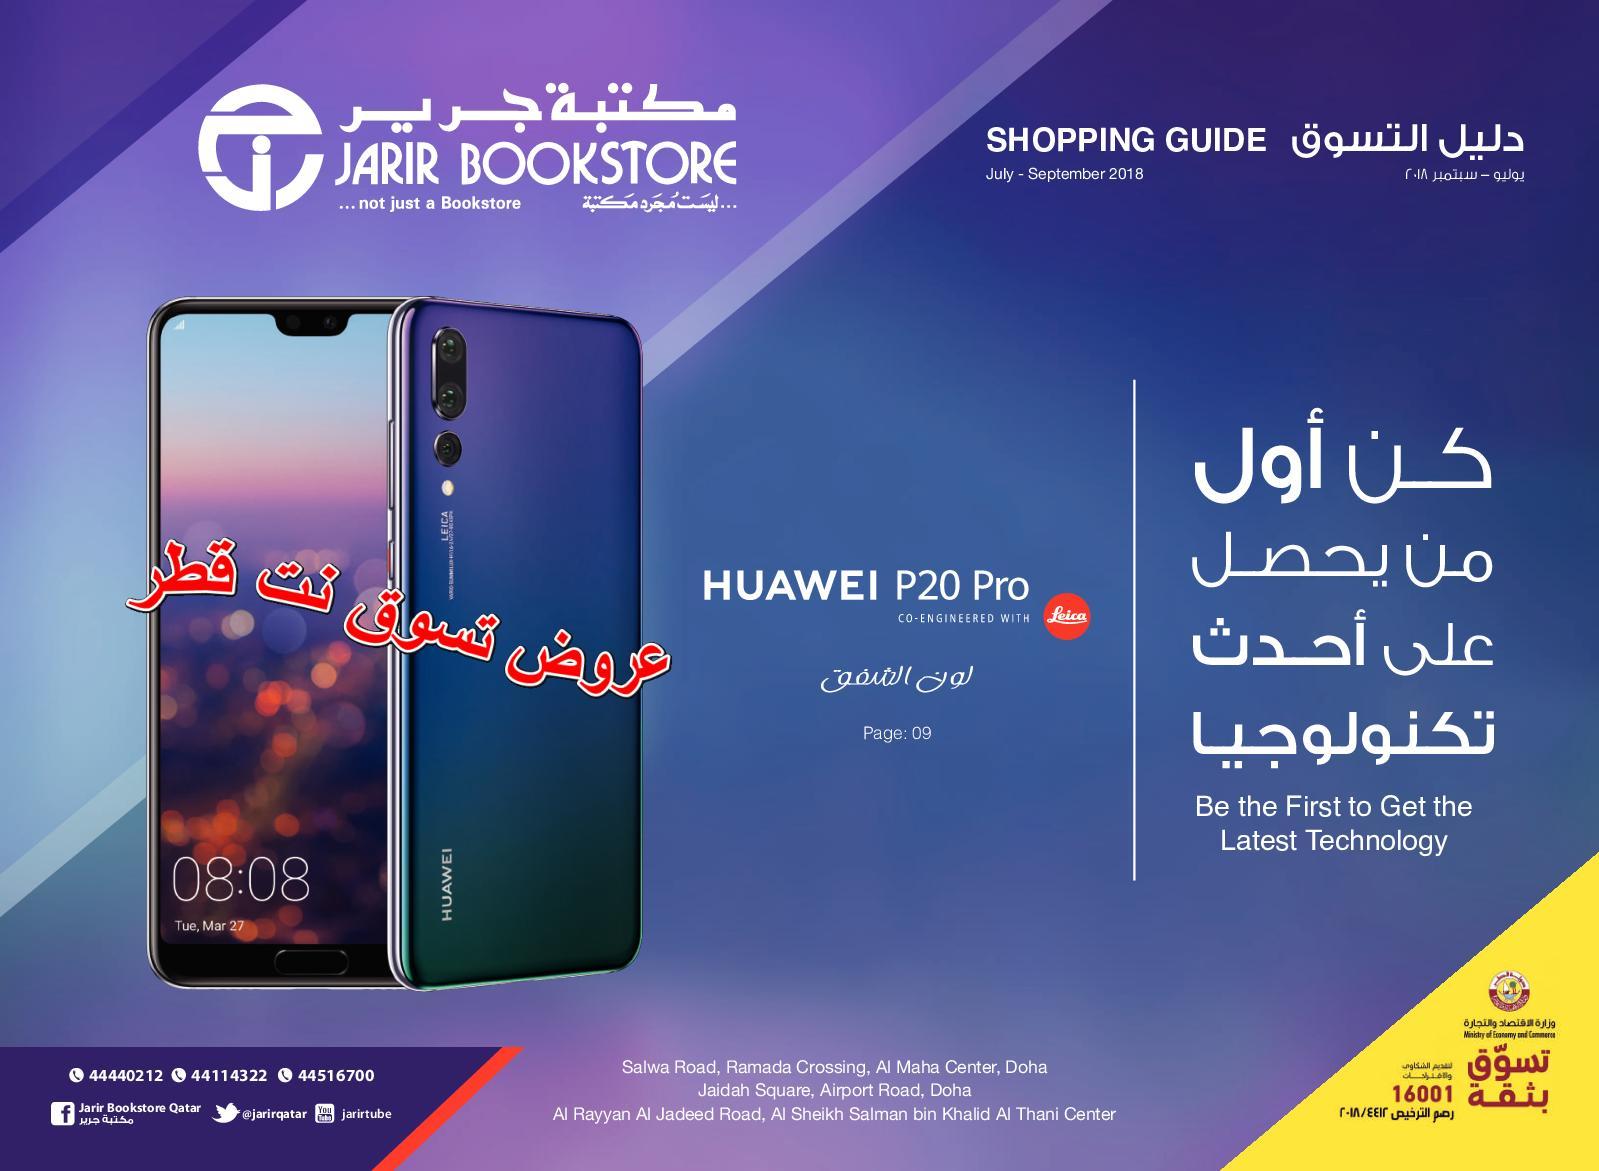 Calaméo Tsawq Net Jarir Qatar Latest Shopping Guide Jul September 2018